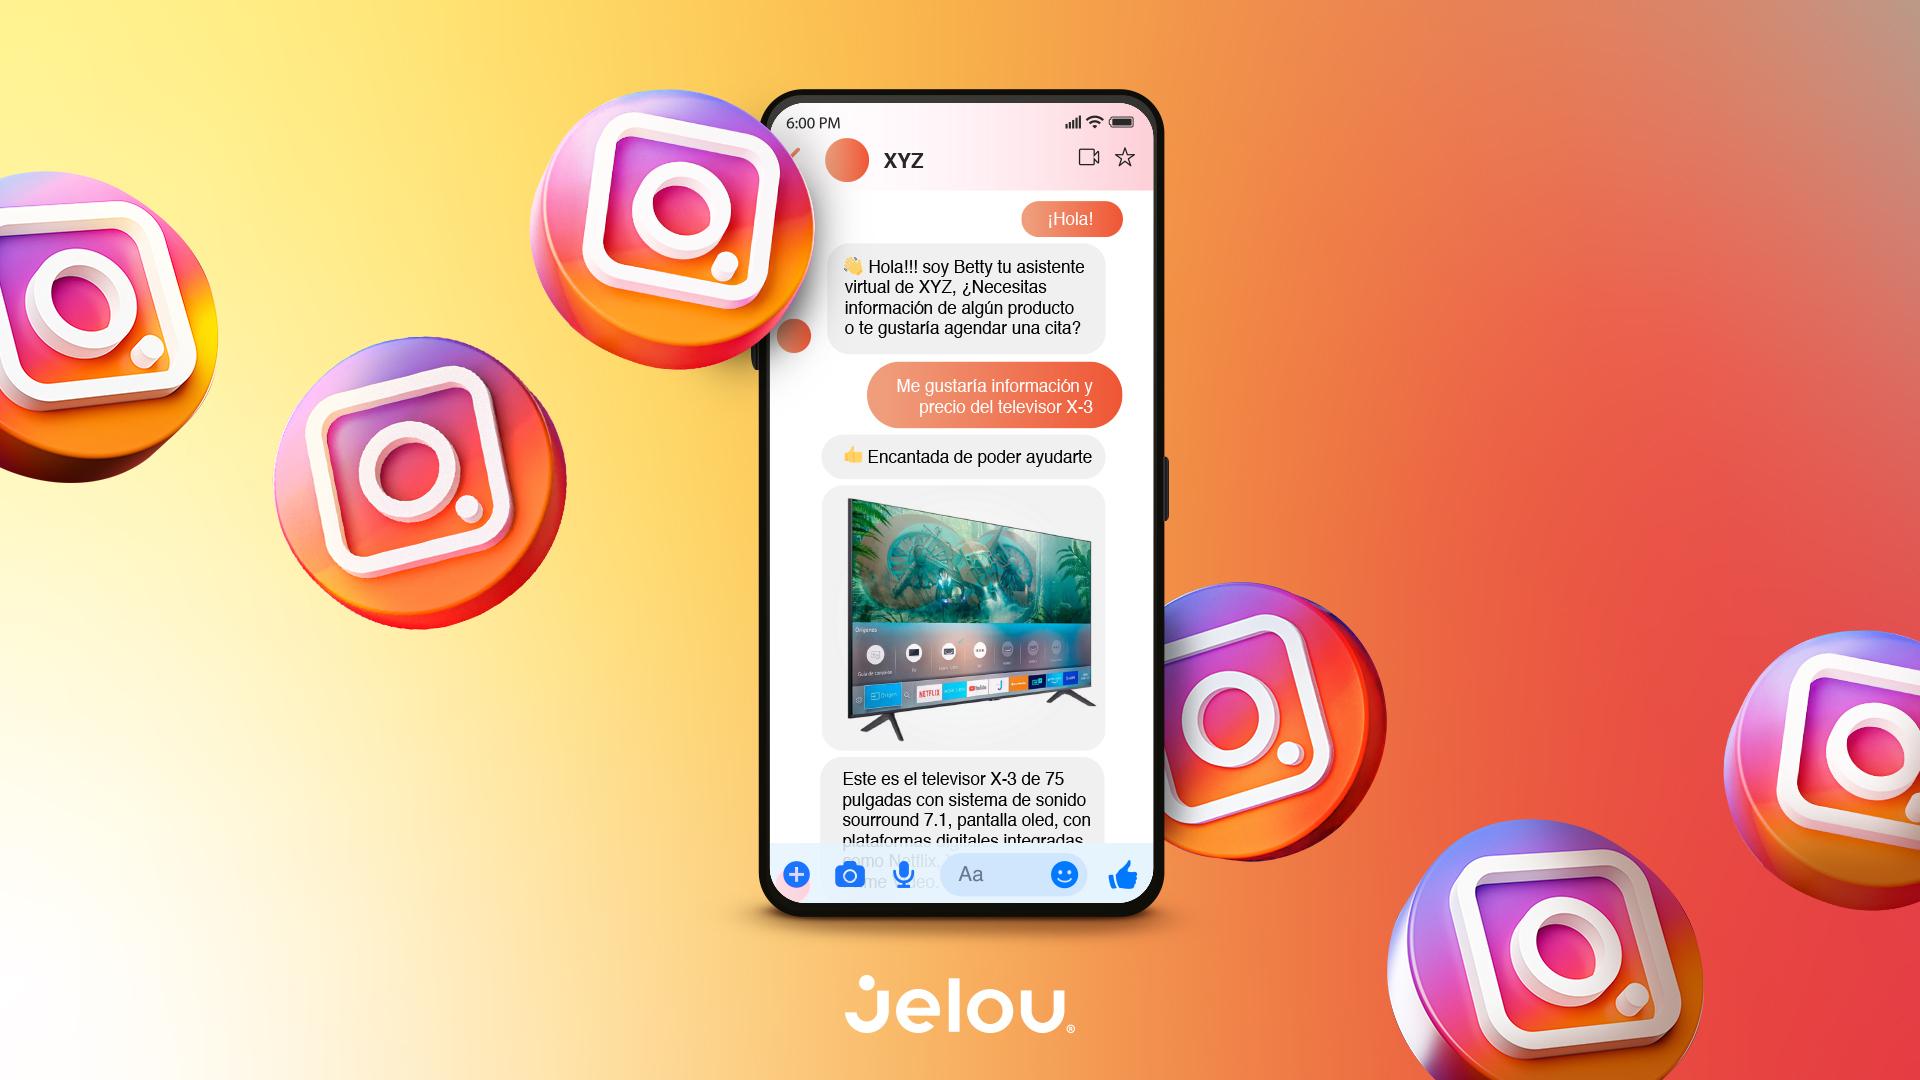 Jelou integra API Messenger para Instagram